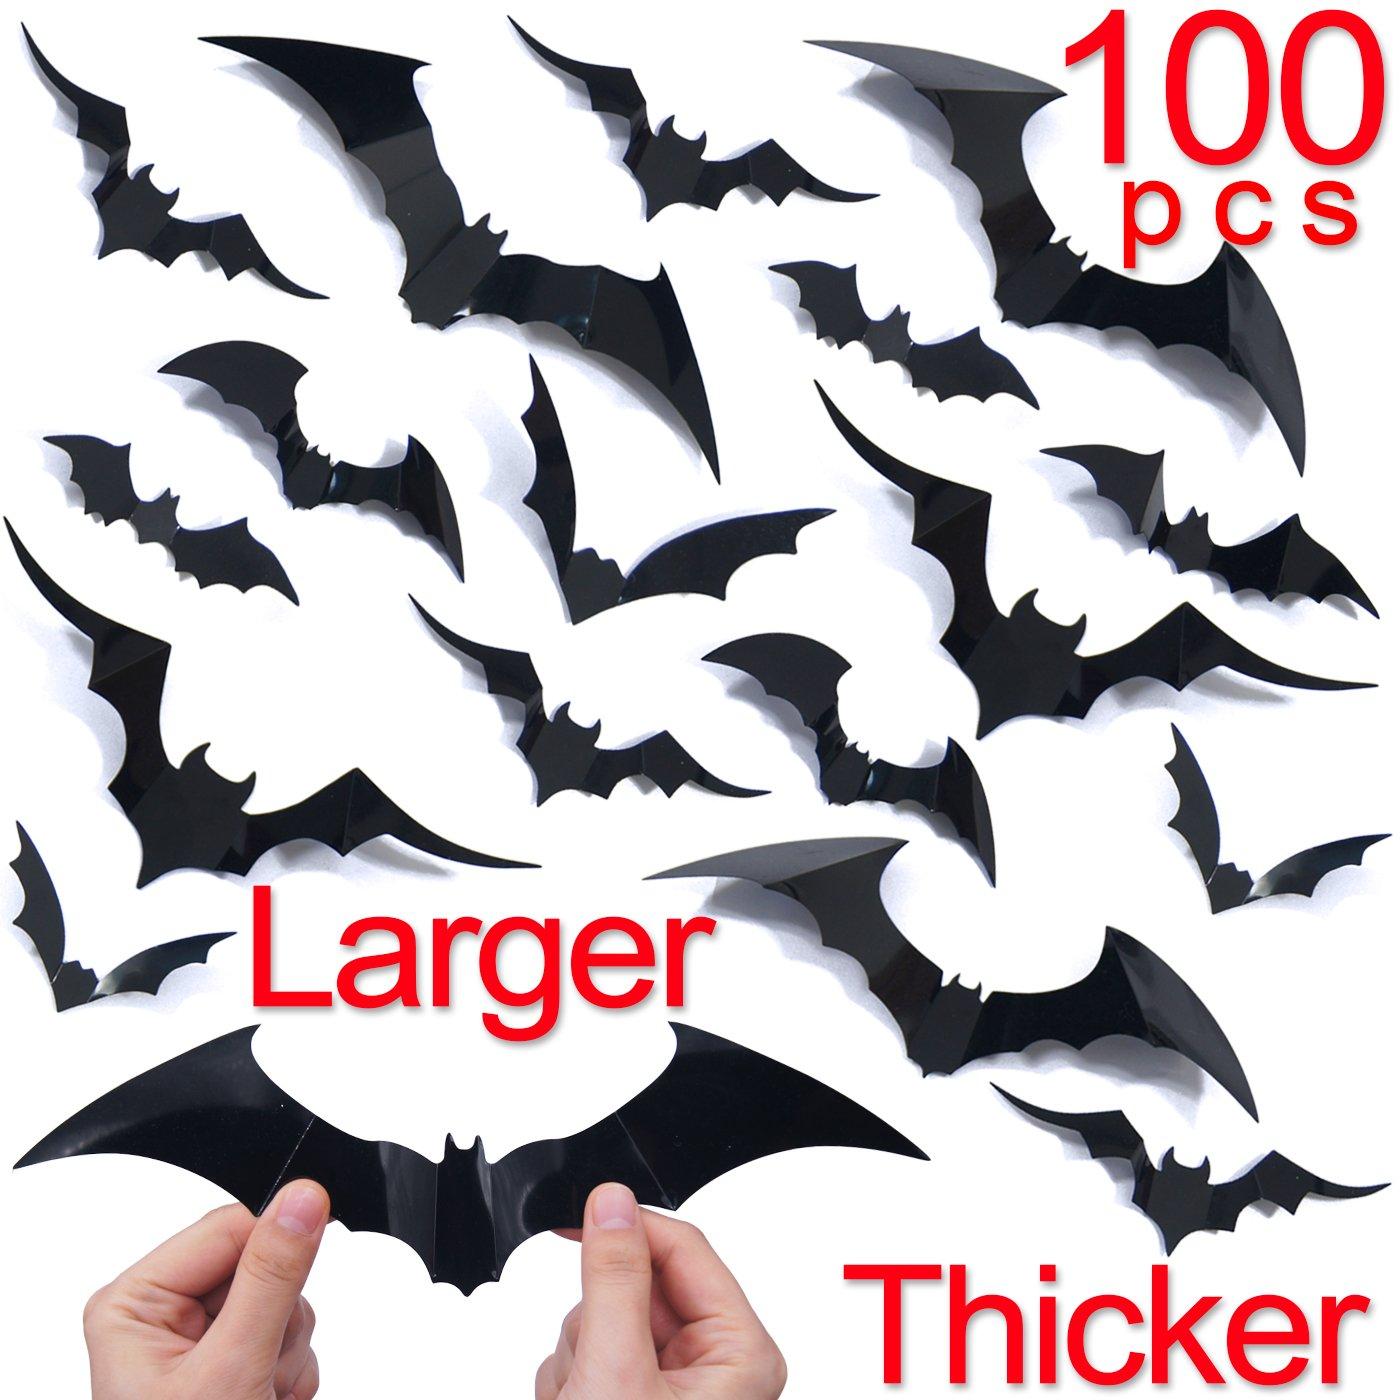 Halloween Bat Wall Decals Stickers Decor, 100 Pack Extra Large 3D Bats Window Decals, Bat Halloween Decorations Door